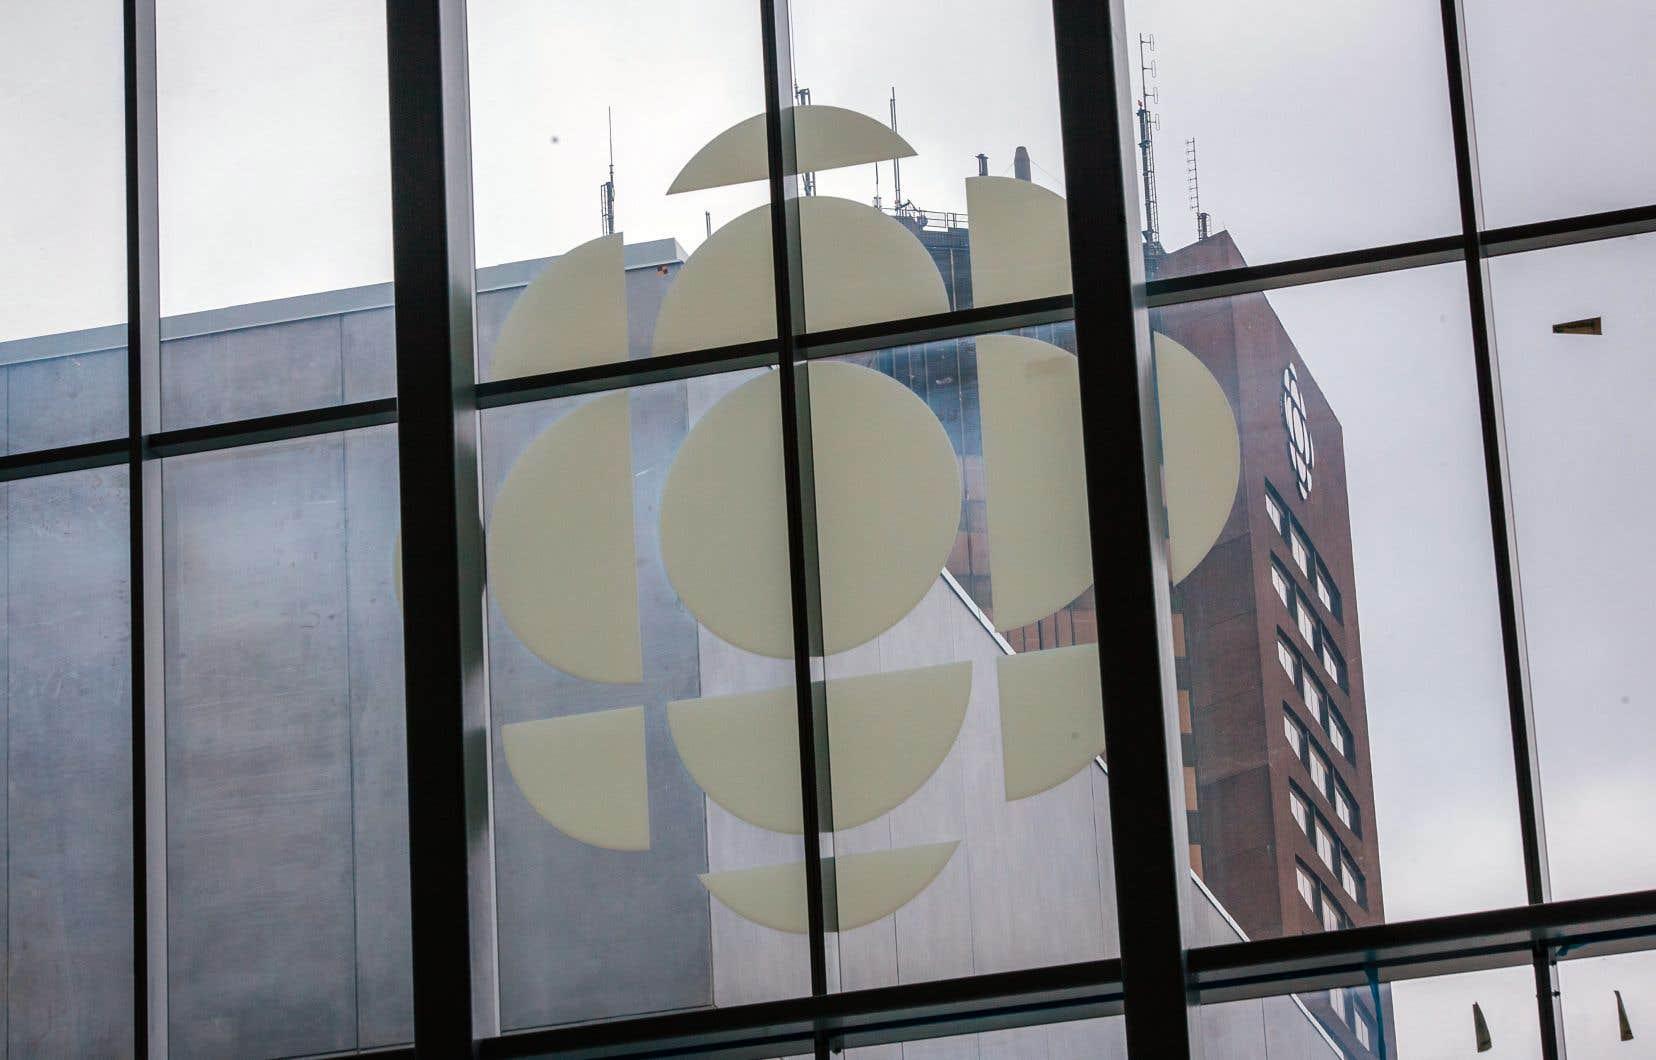 La pétition affirme que Radio-Canada «échou[e] à démontrer cette multiplicité de points de vue en ce qui a trait aux arts visuels».